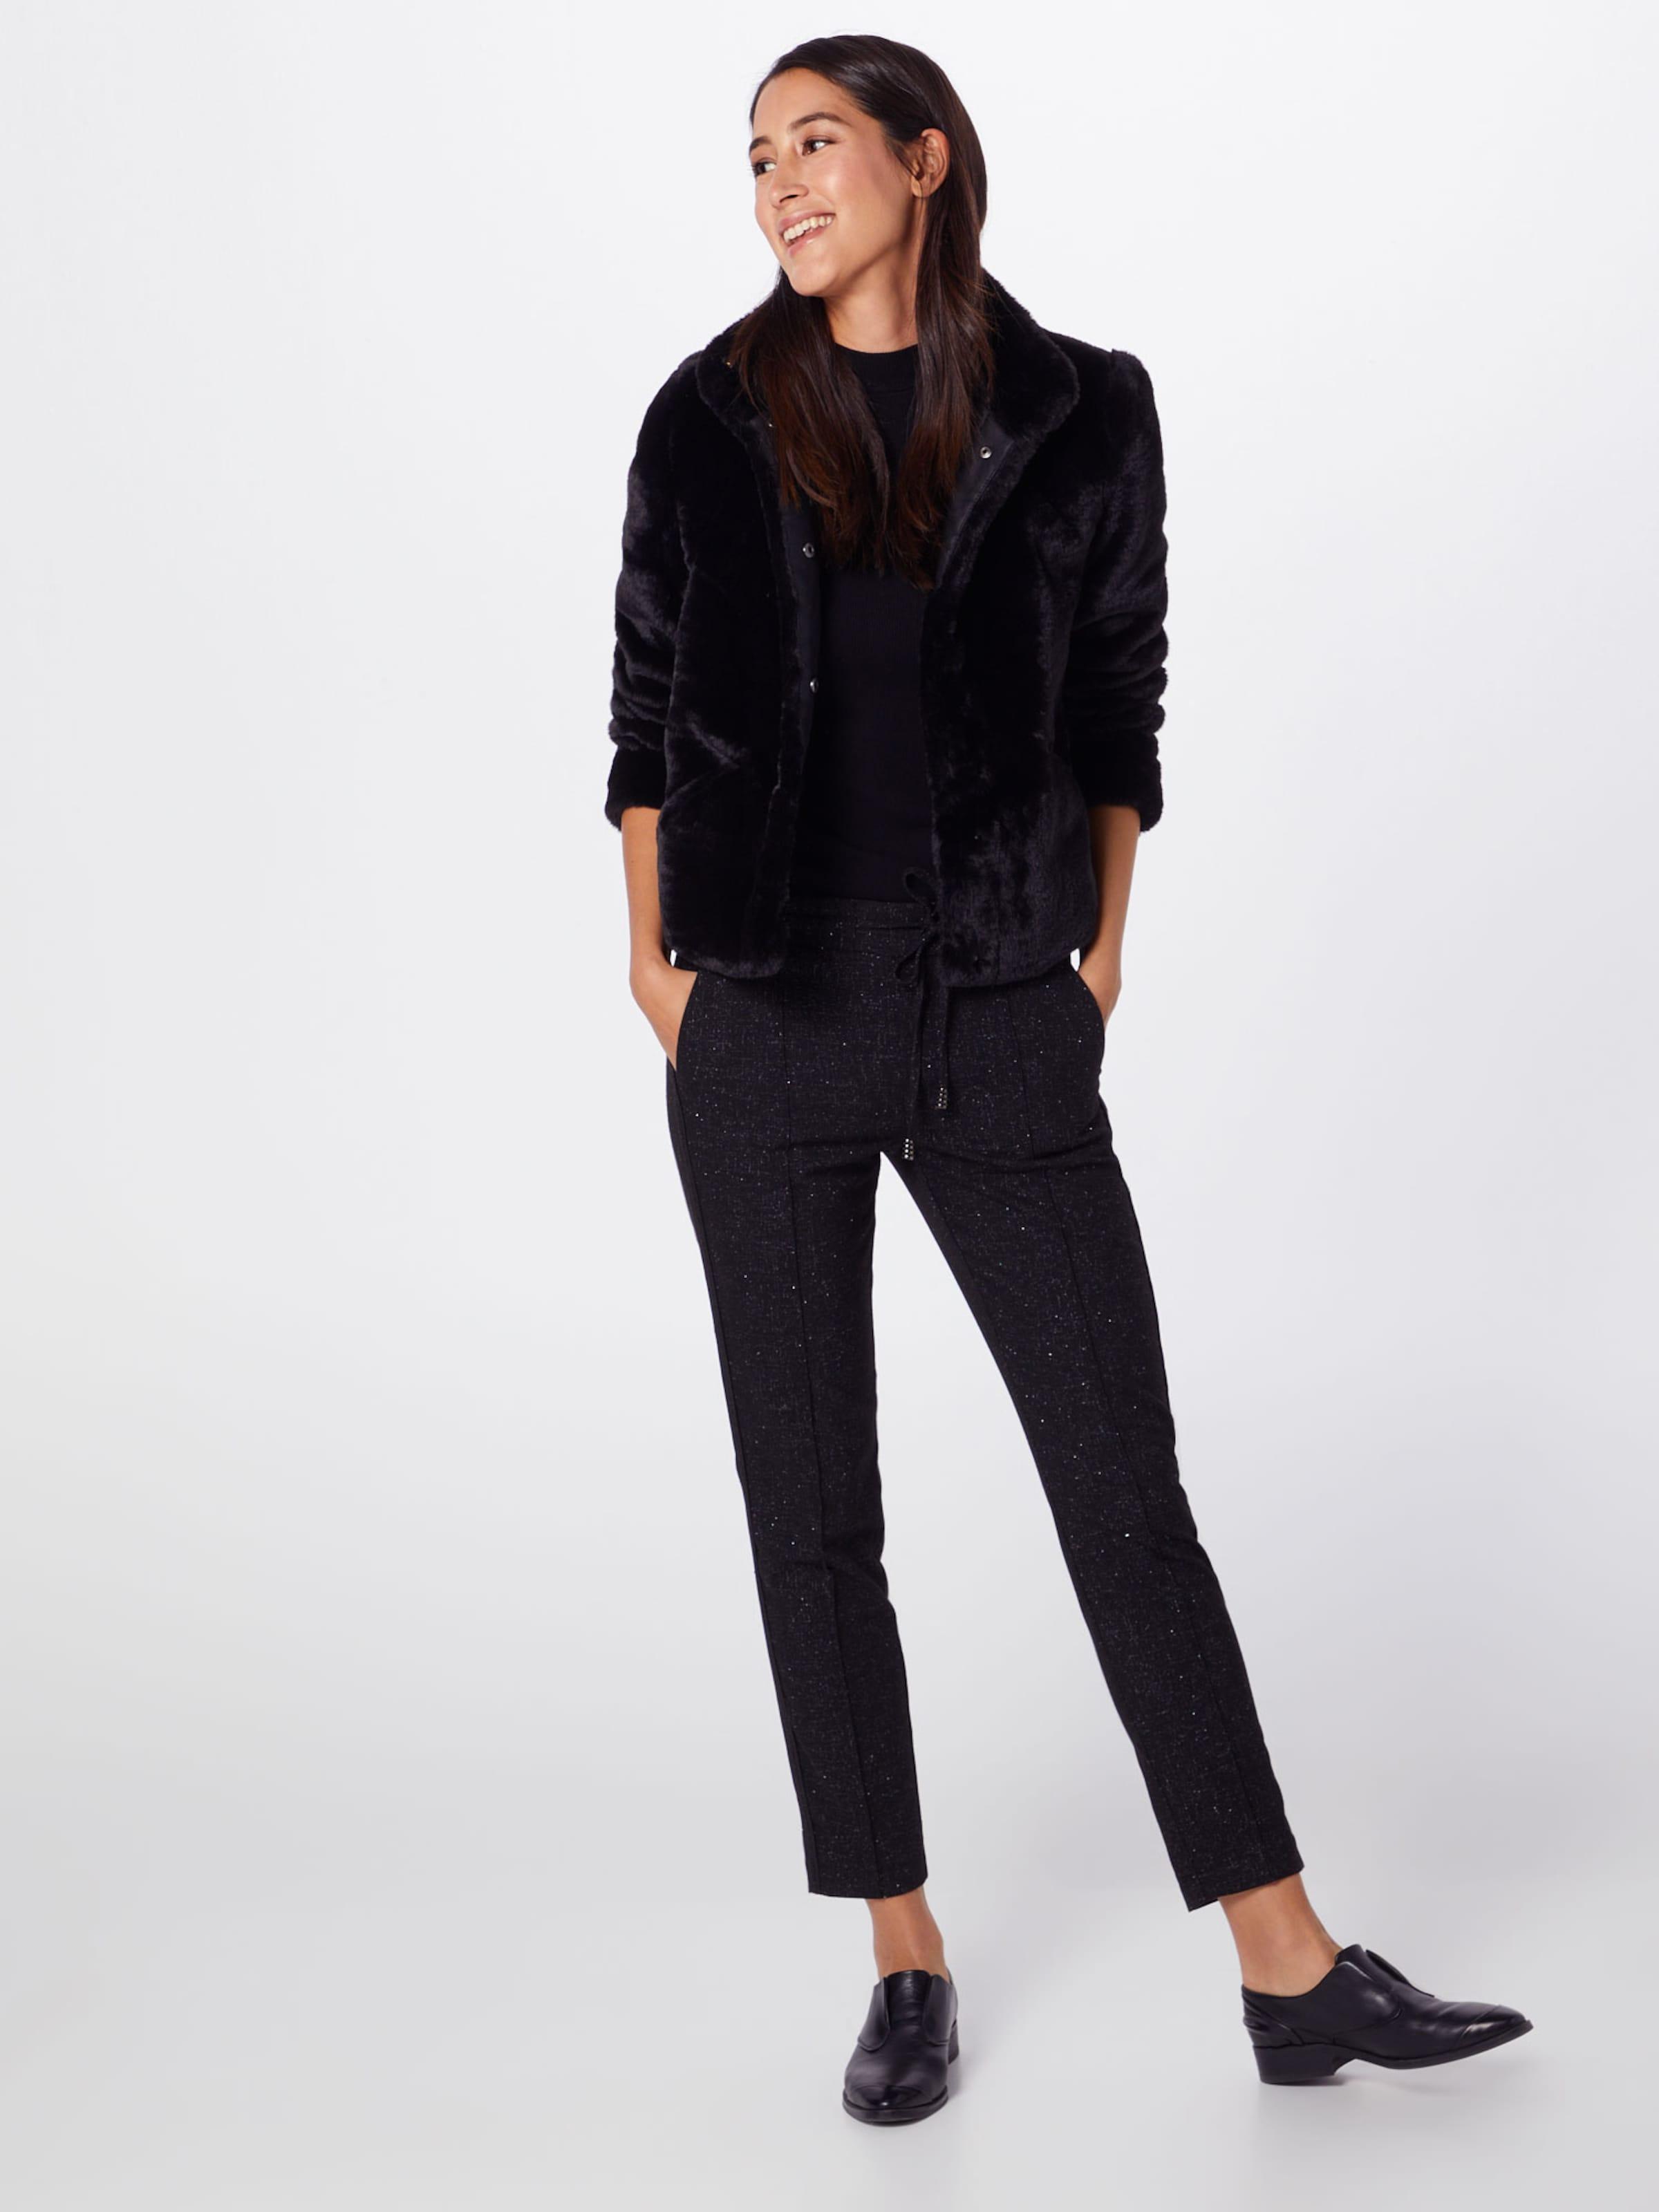 One Mw Fancy Loose' En Pantalon Woven Lurex Noir 'fay Street JFcTl1K